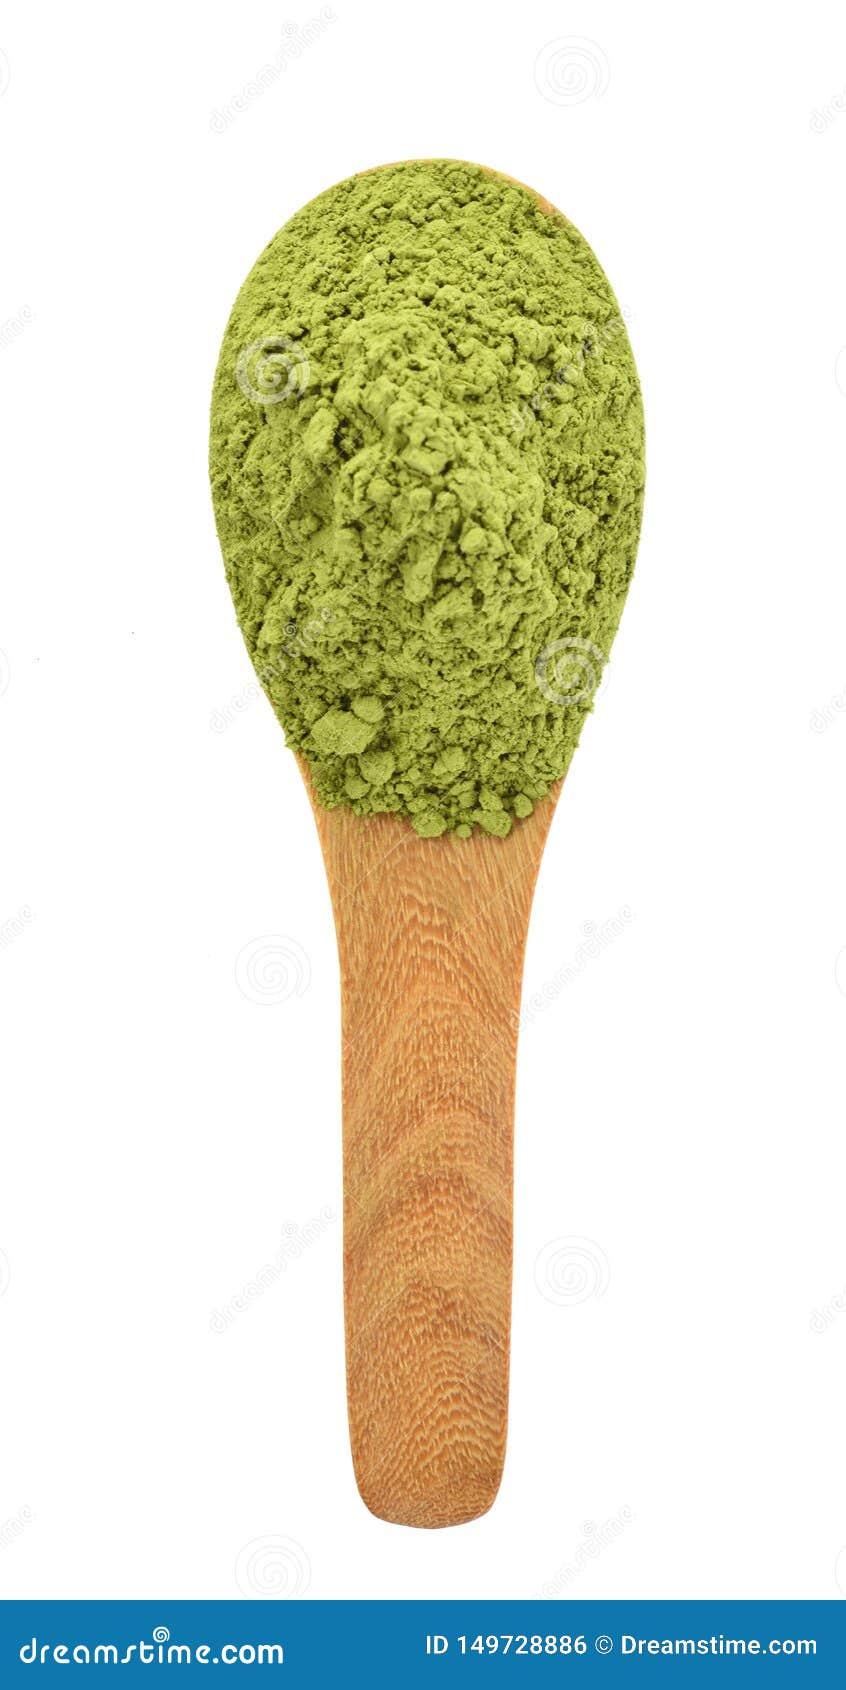 Vista superior del té verde del polvo en la cuchara de madera aislada en el fondo blanco